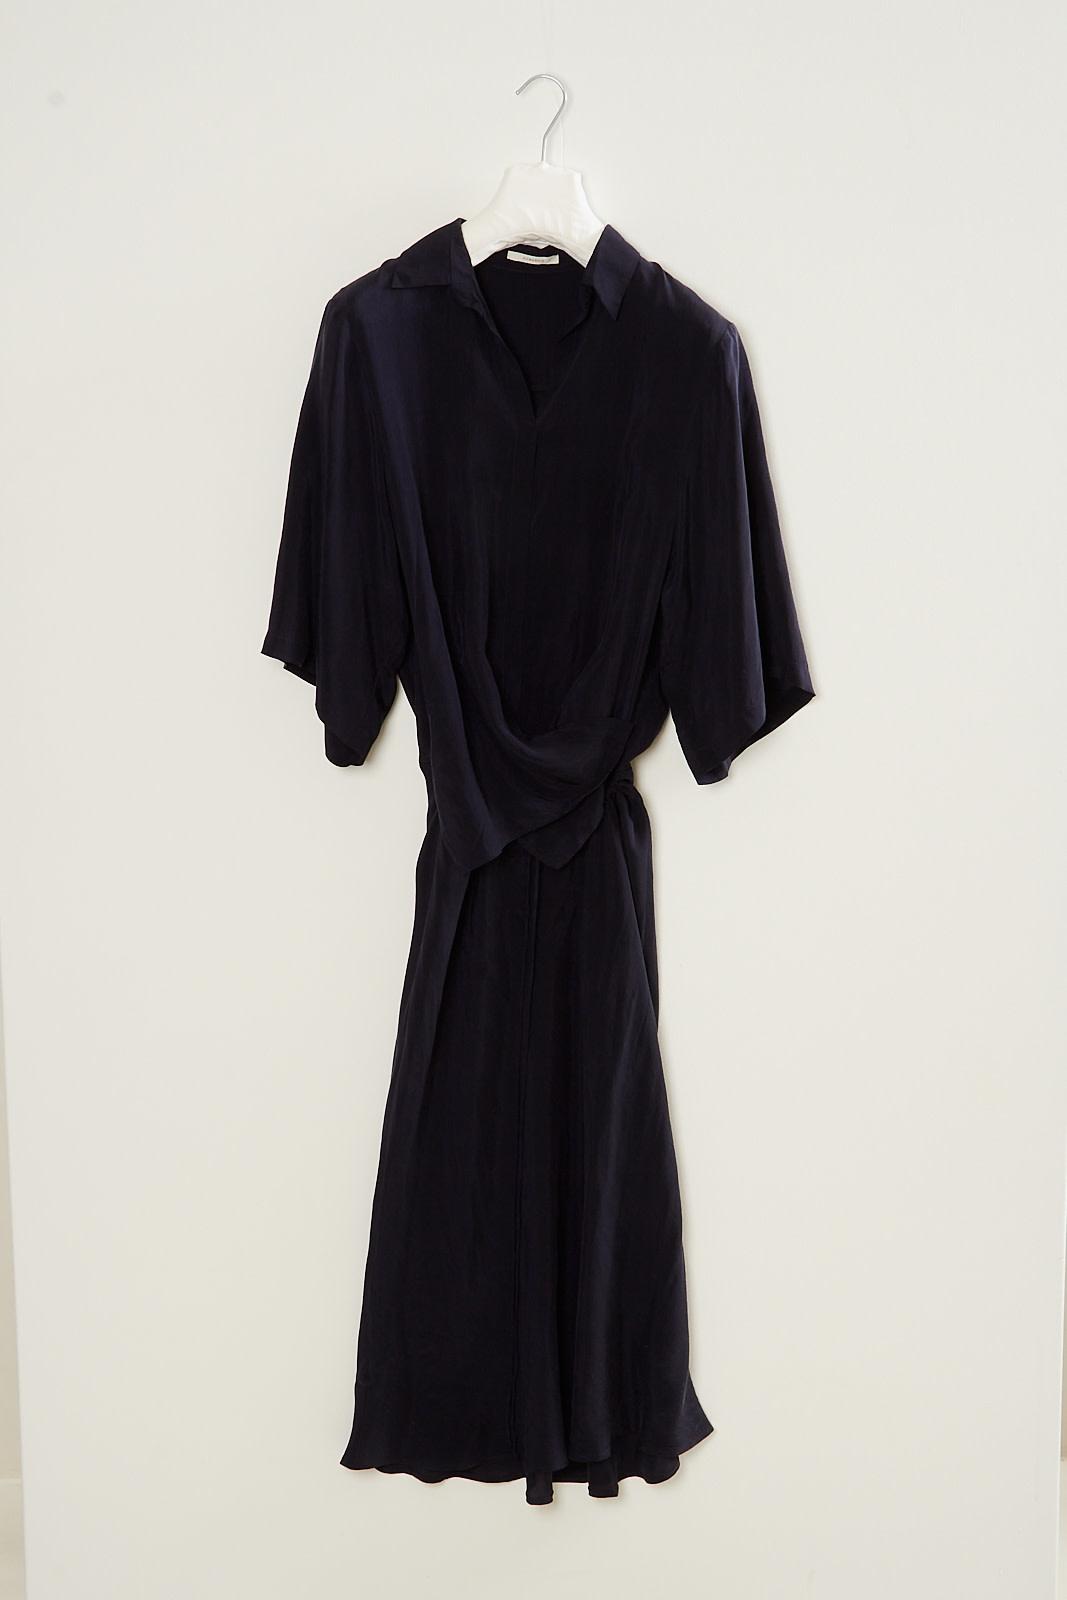 Humanoid Felon fair dress